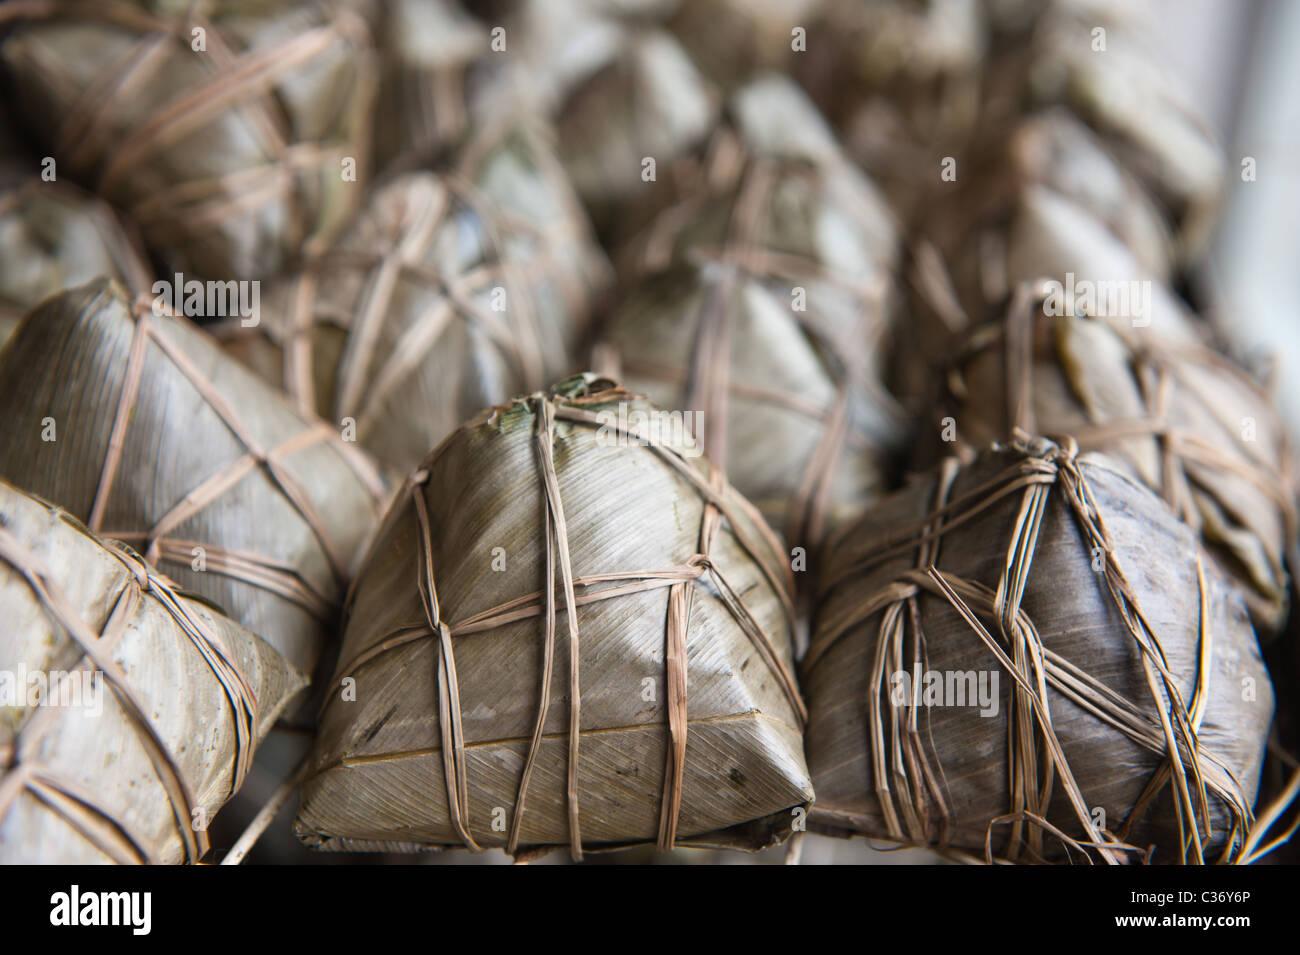 Chinesischer Reis Knödel in Schilf Blätter gewickelt Stockbild